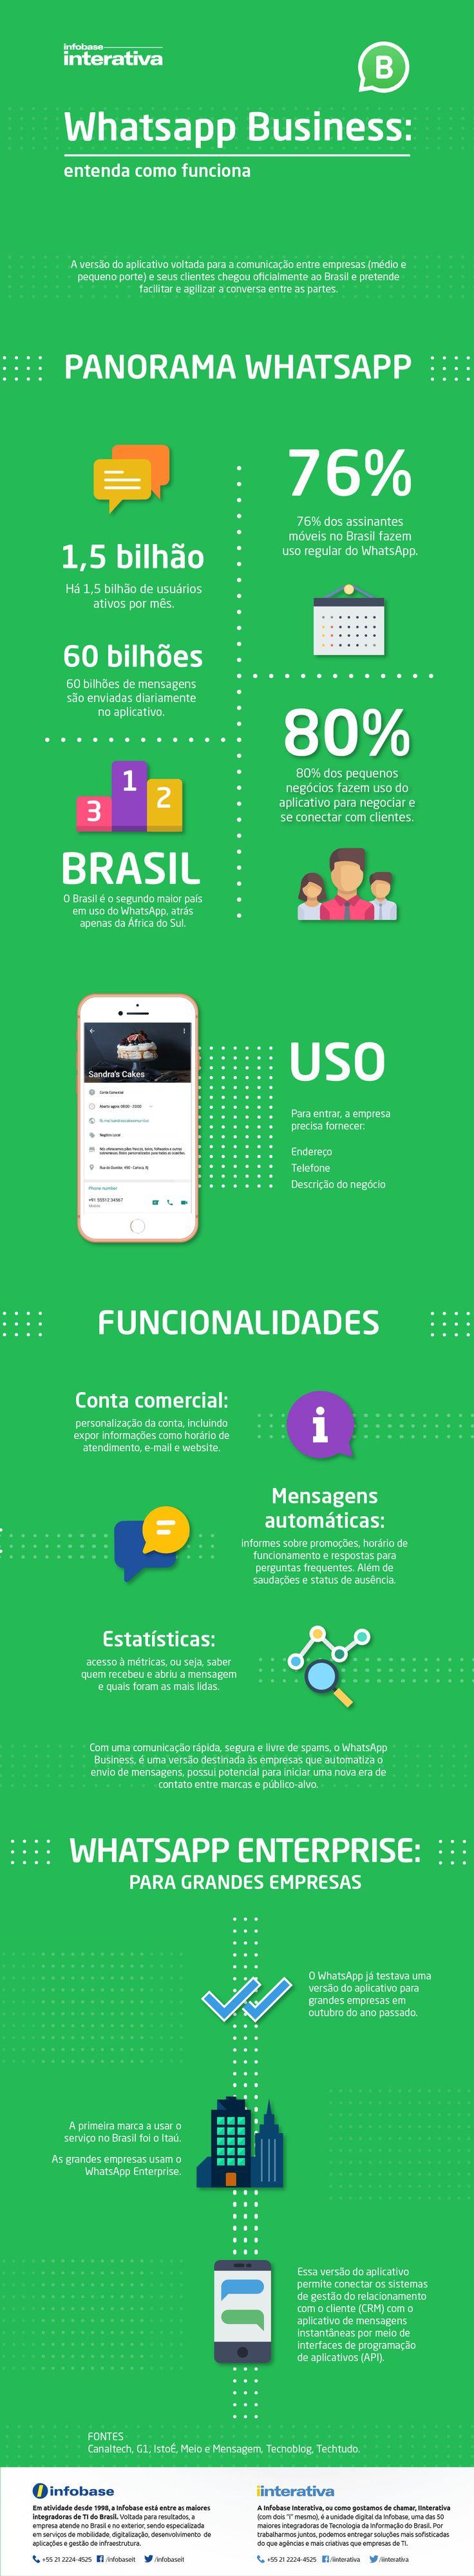 Whatsapp Business: entenda como funciona - Assuntos Criativos